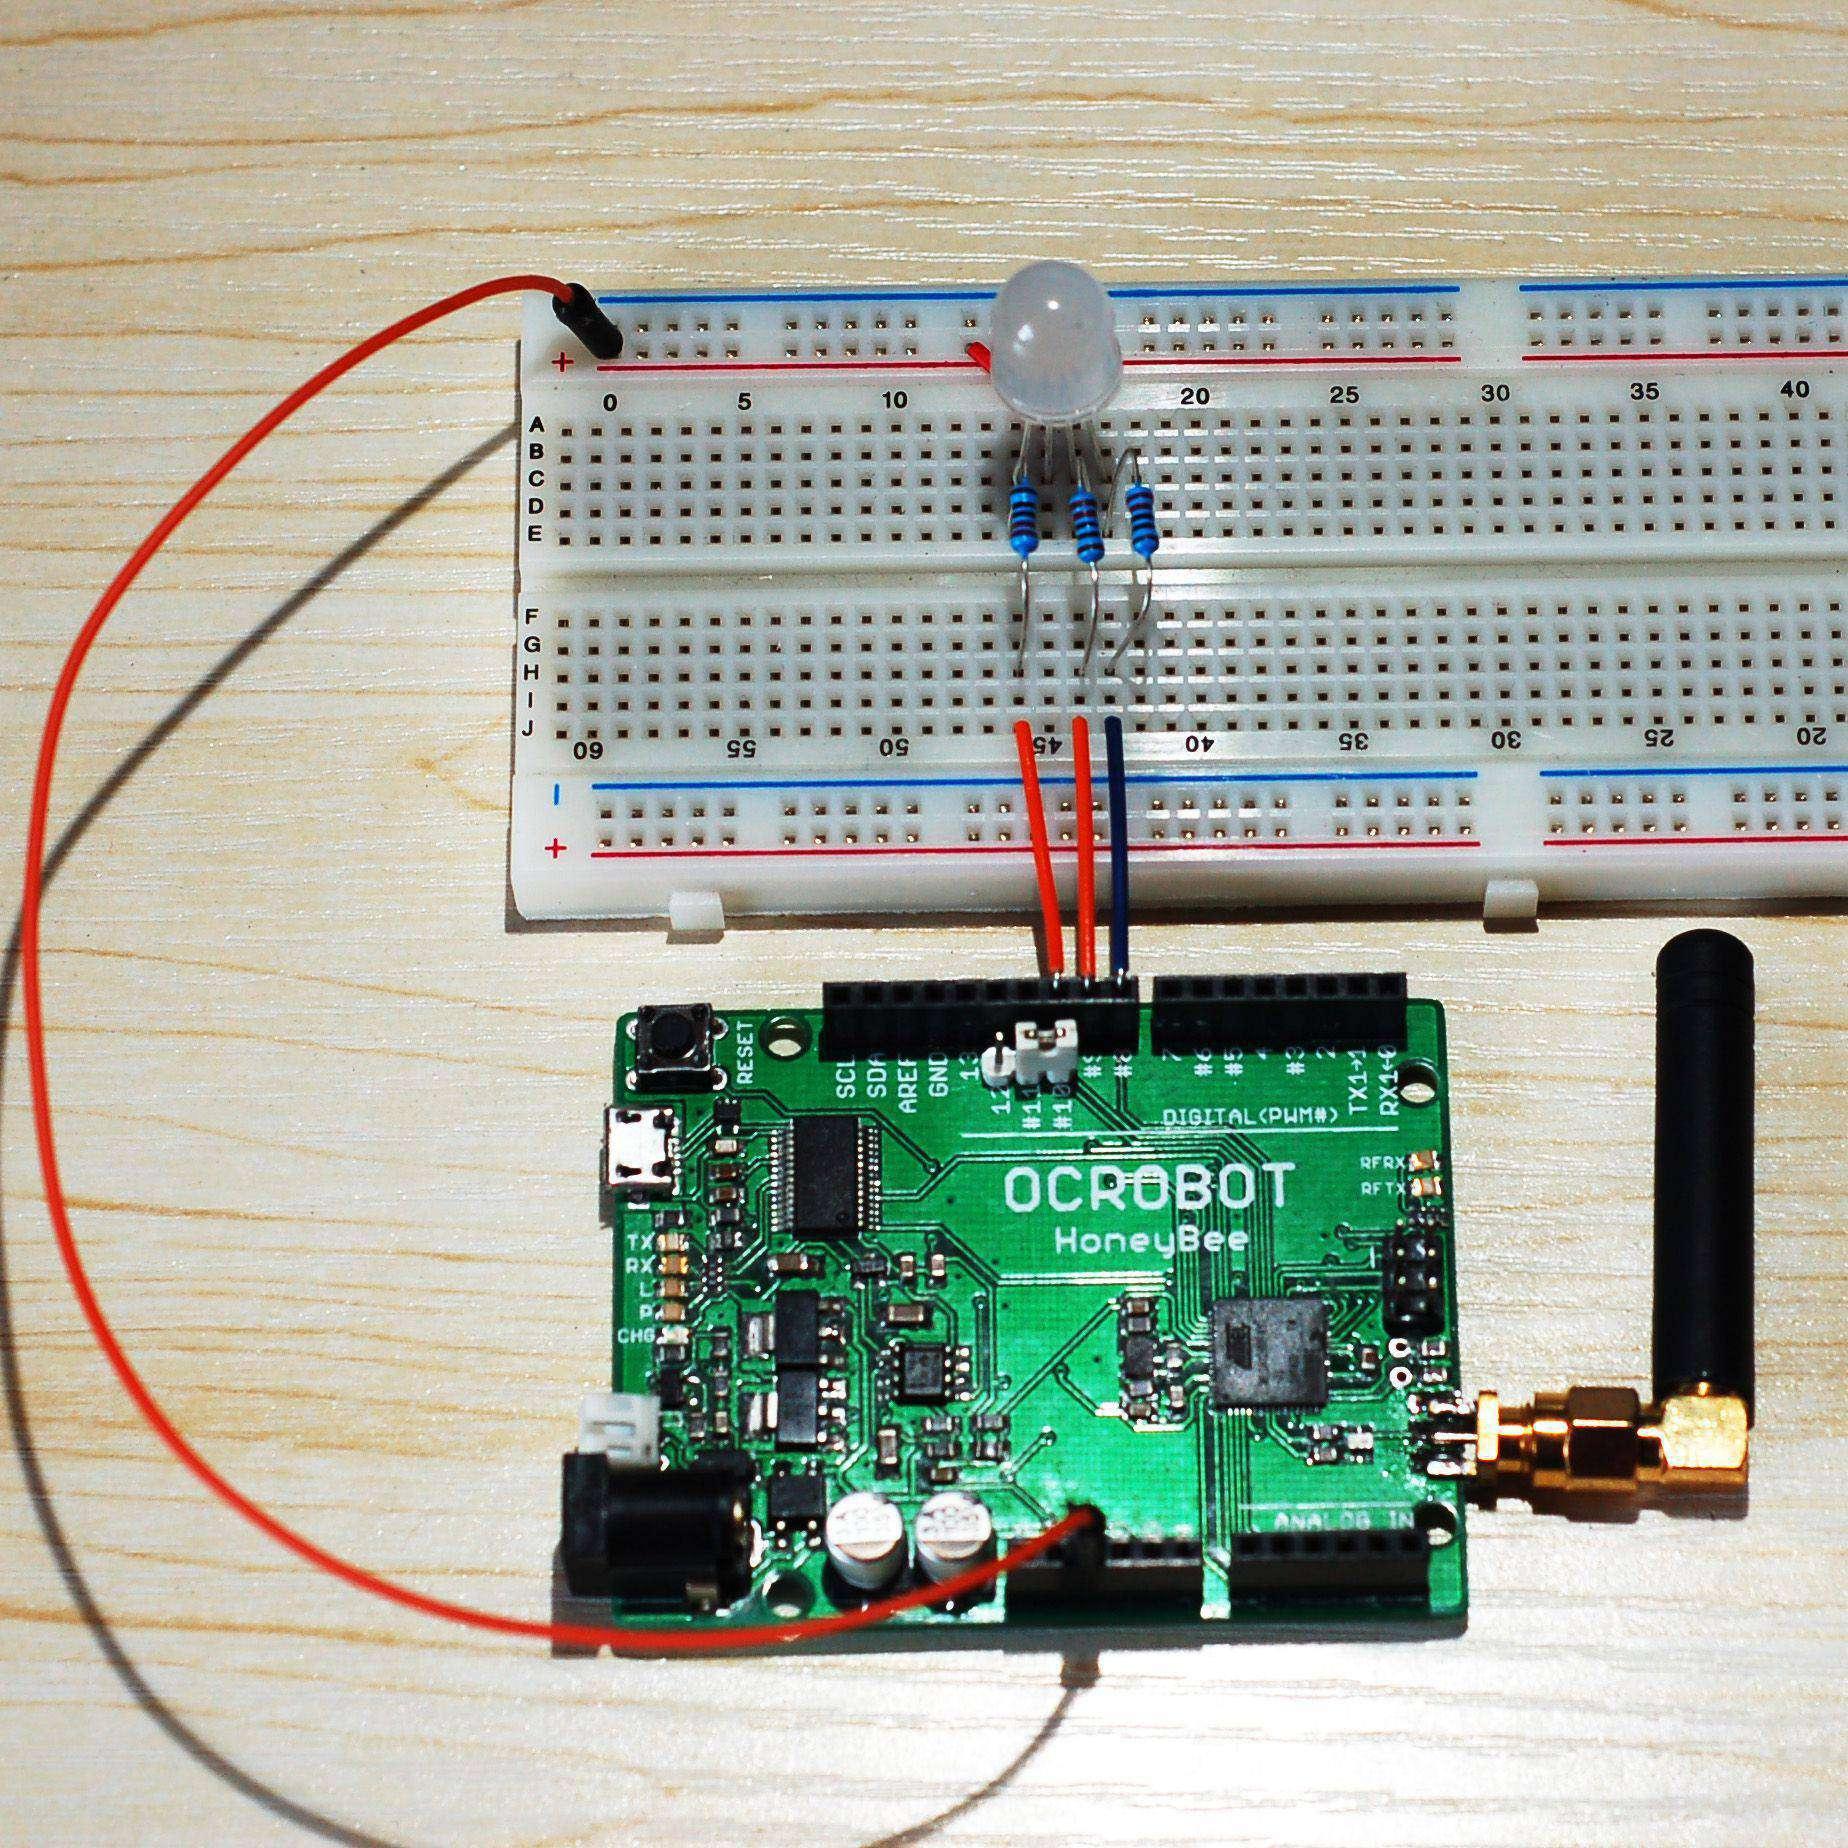 """下载接收端程序 [pre lang=""""arduino"""" line=""""1""""] /* 作者:swim 时间:2013年7月9日 发表地址:www.geek-workshop.com 程序说明:无线RGB接收端程序 */ #include <ZigduinoRadio.h> //定义变量 int r; int g; int b; //定义输出管脚 int redPin=10; int greenPin=9; int bluePin=8; //定义字符串 Str"""